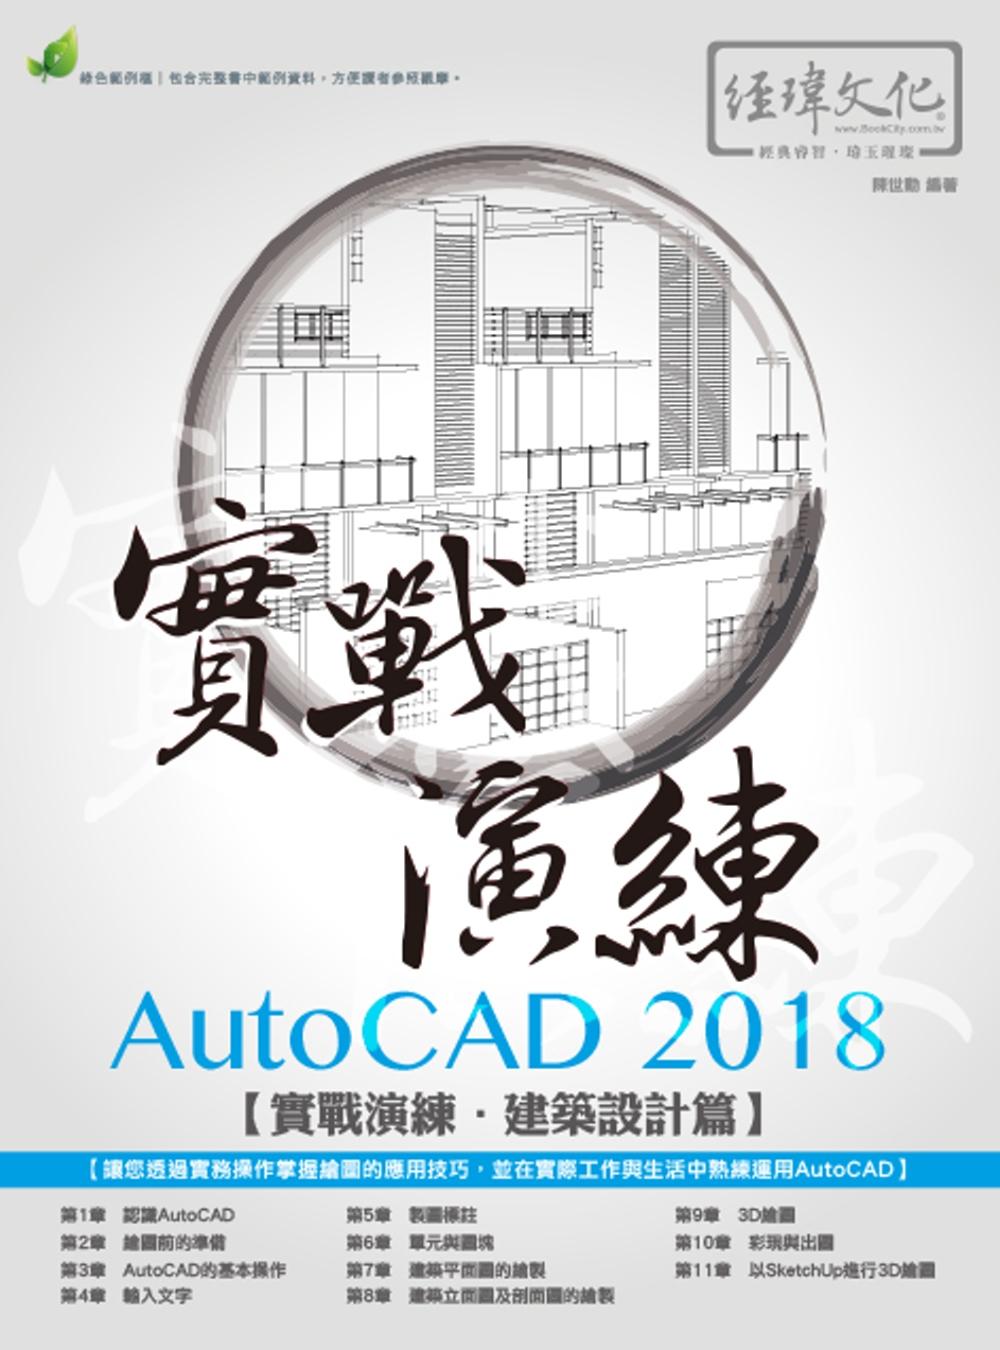 AutoCAD 2018 實戰演練:建築設計篇(附綠色範例檔)